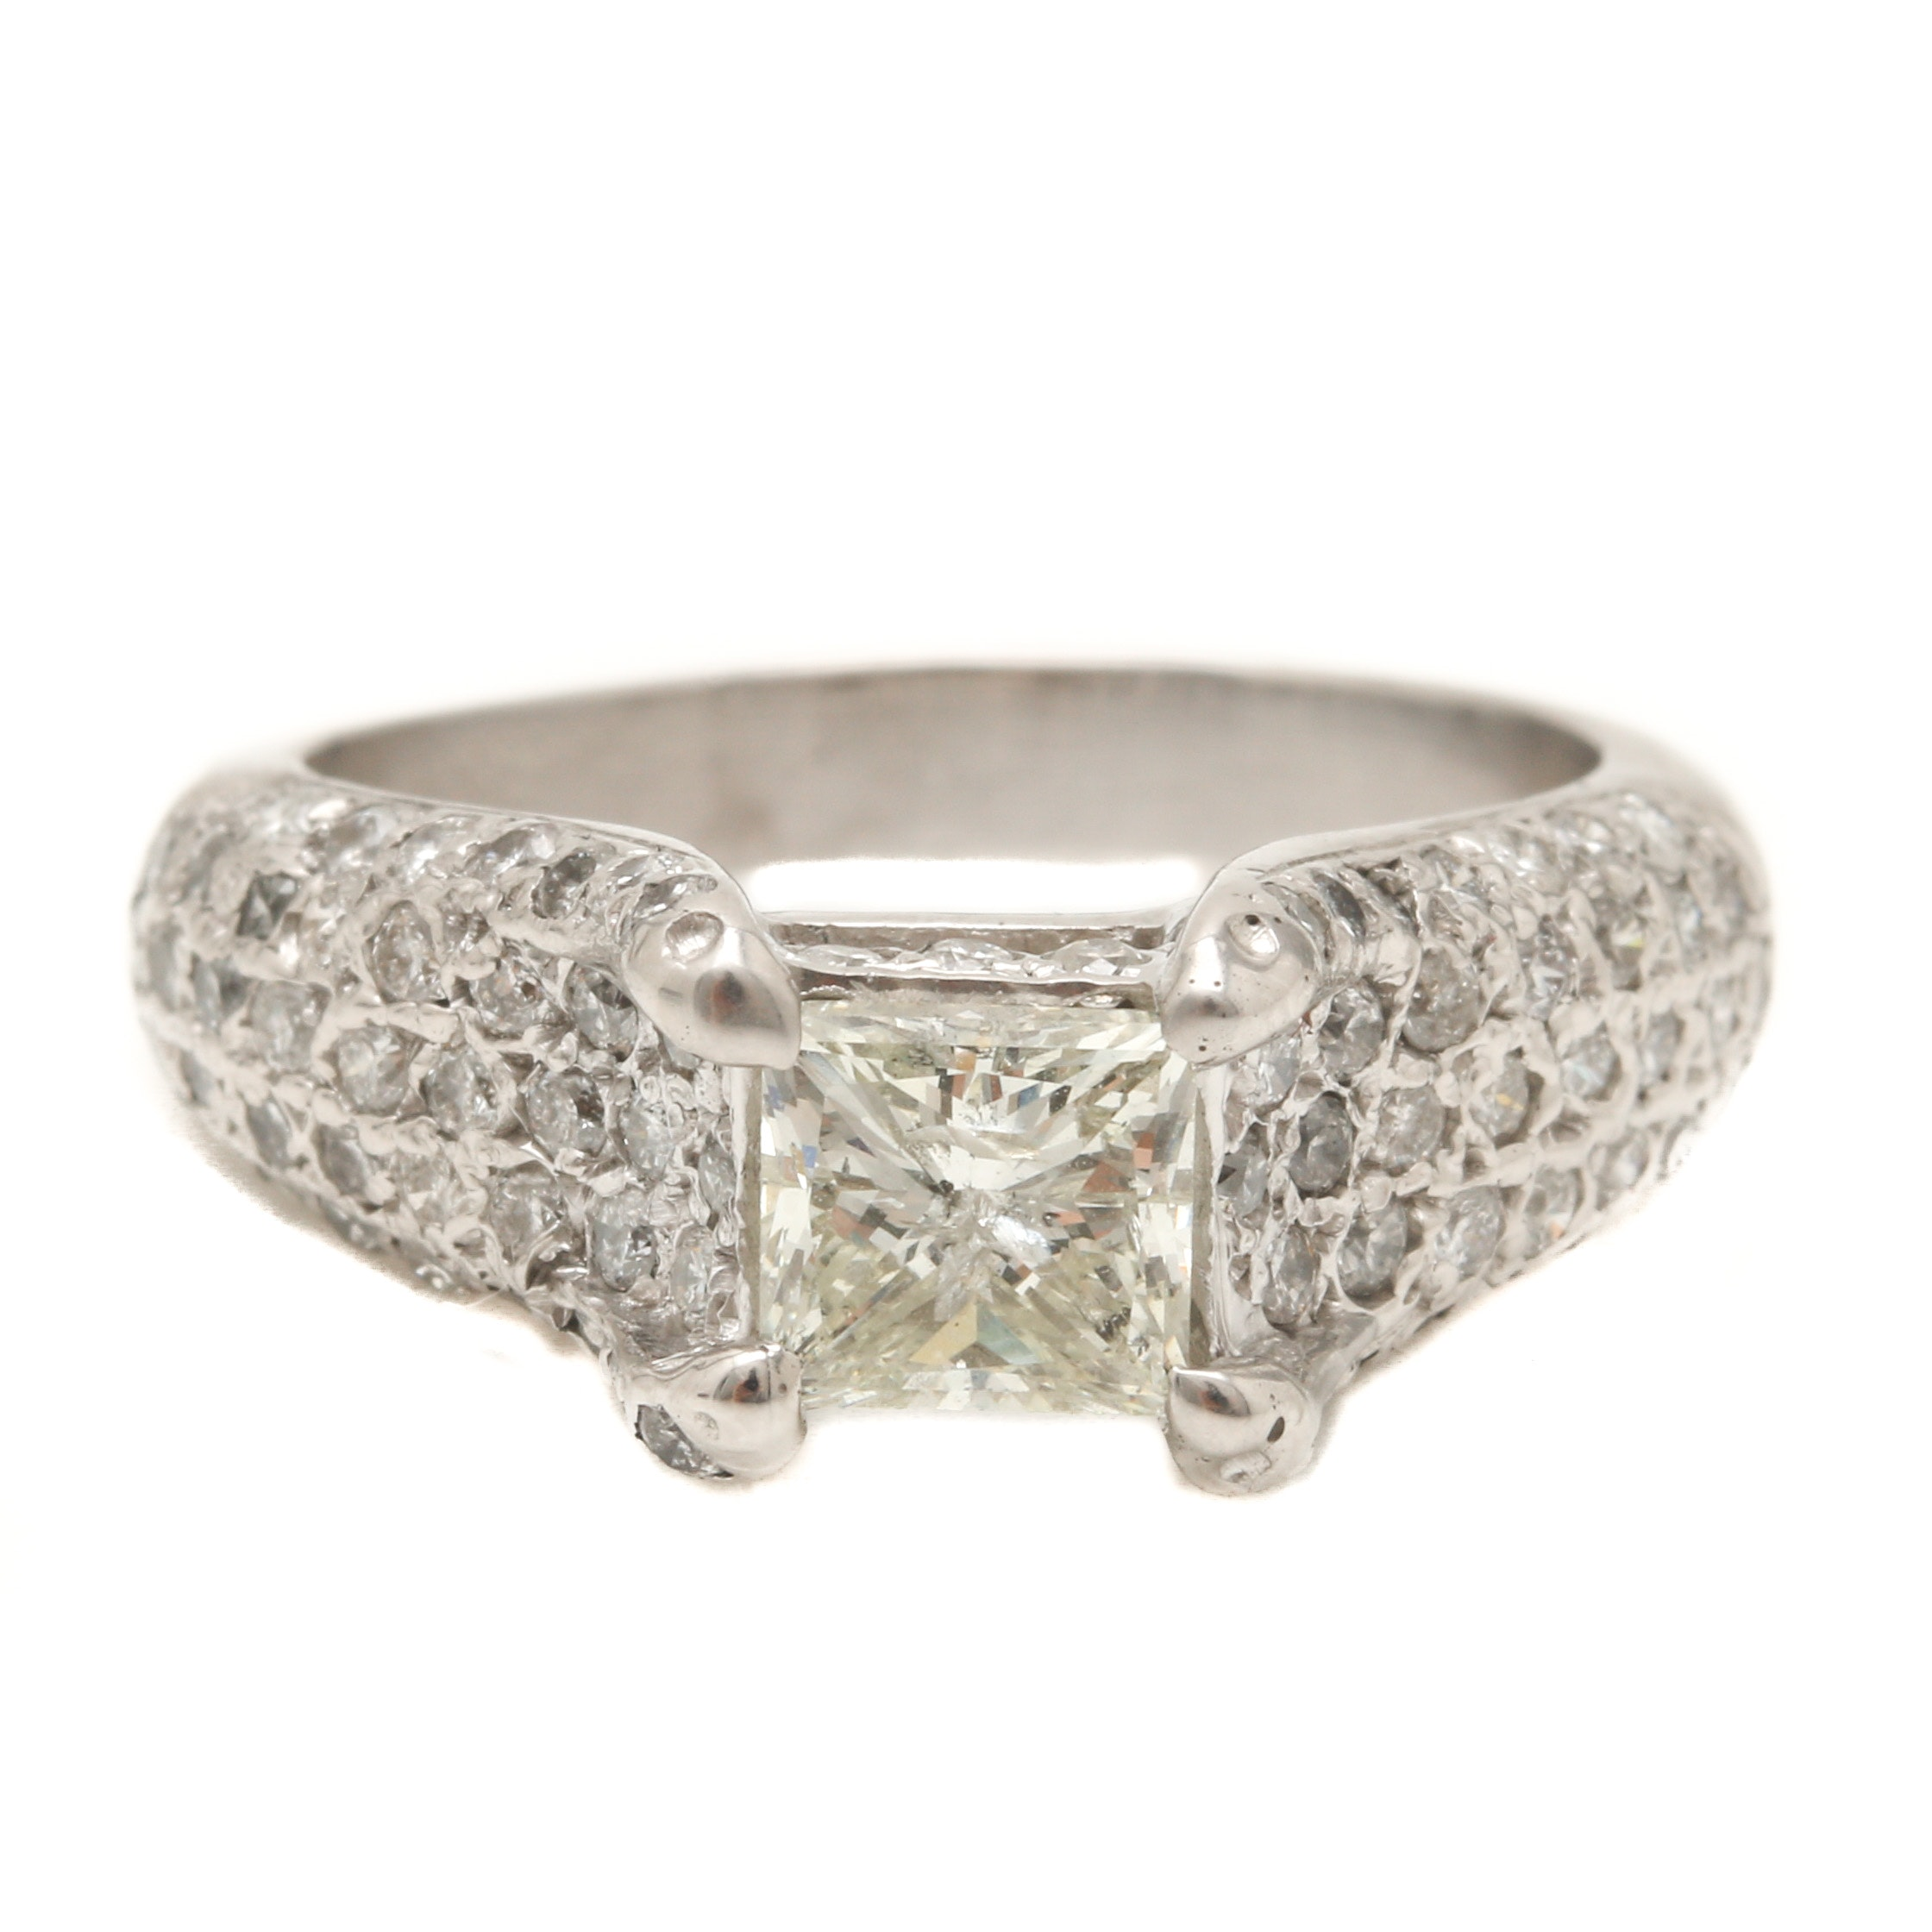 Platinum 1.76 CTW Diamond Ring